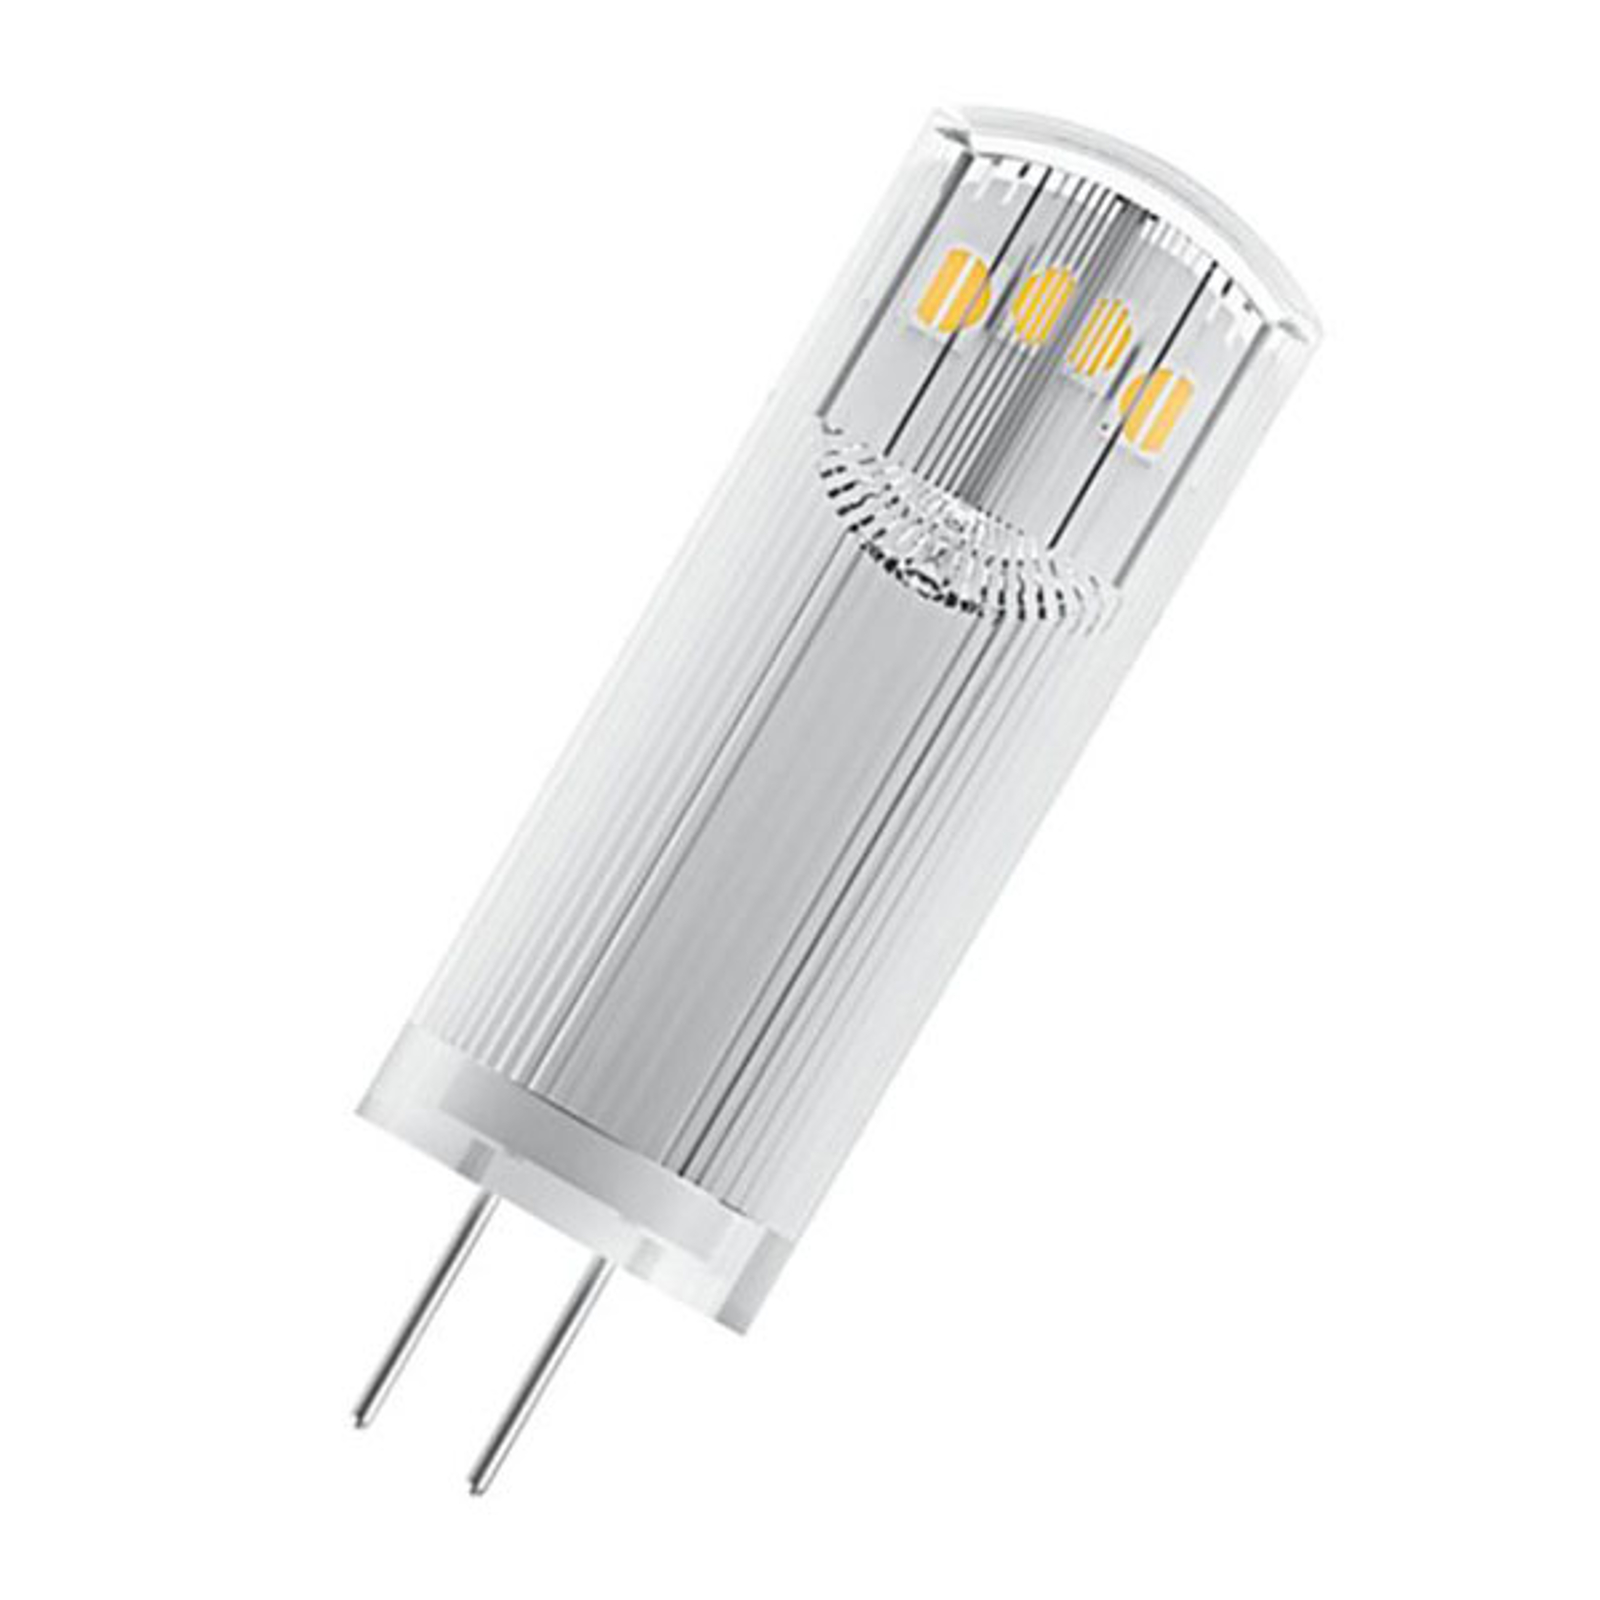 OSRAM LED-Stiftsockel G4 1,8W 2.700K klar 2er-Pack